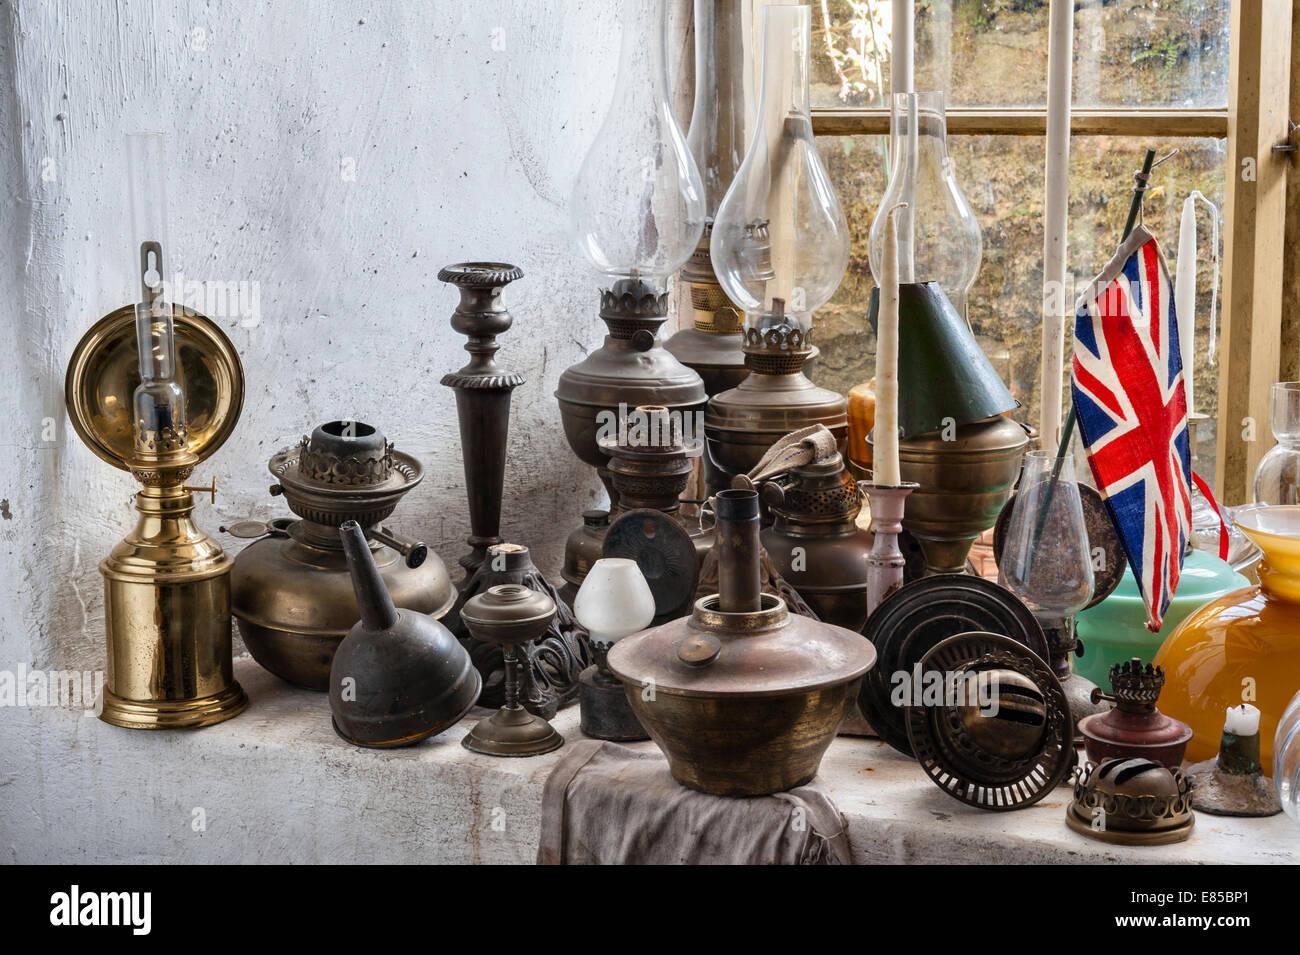 Le juge de son logement, de Presteigne, Powys, au Royaume-Uni. Un musée de la vie de l'époque victorienne. Photo Stock